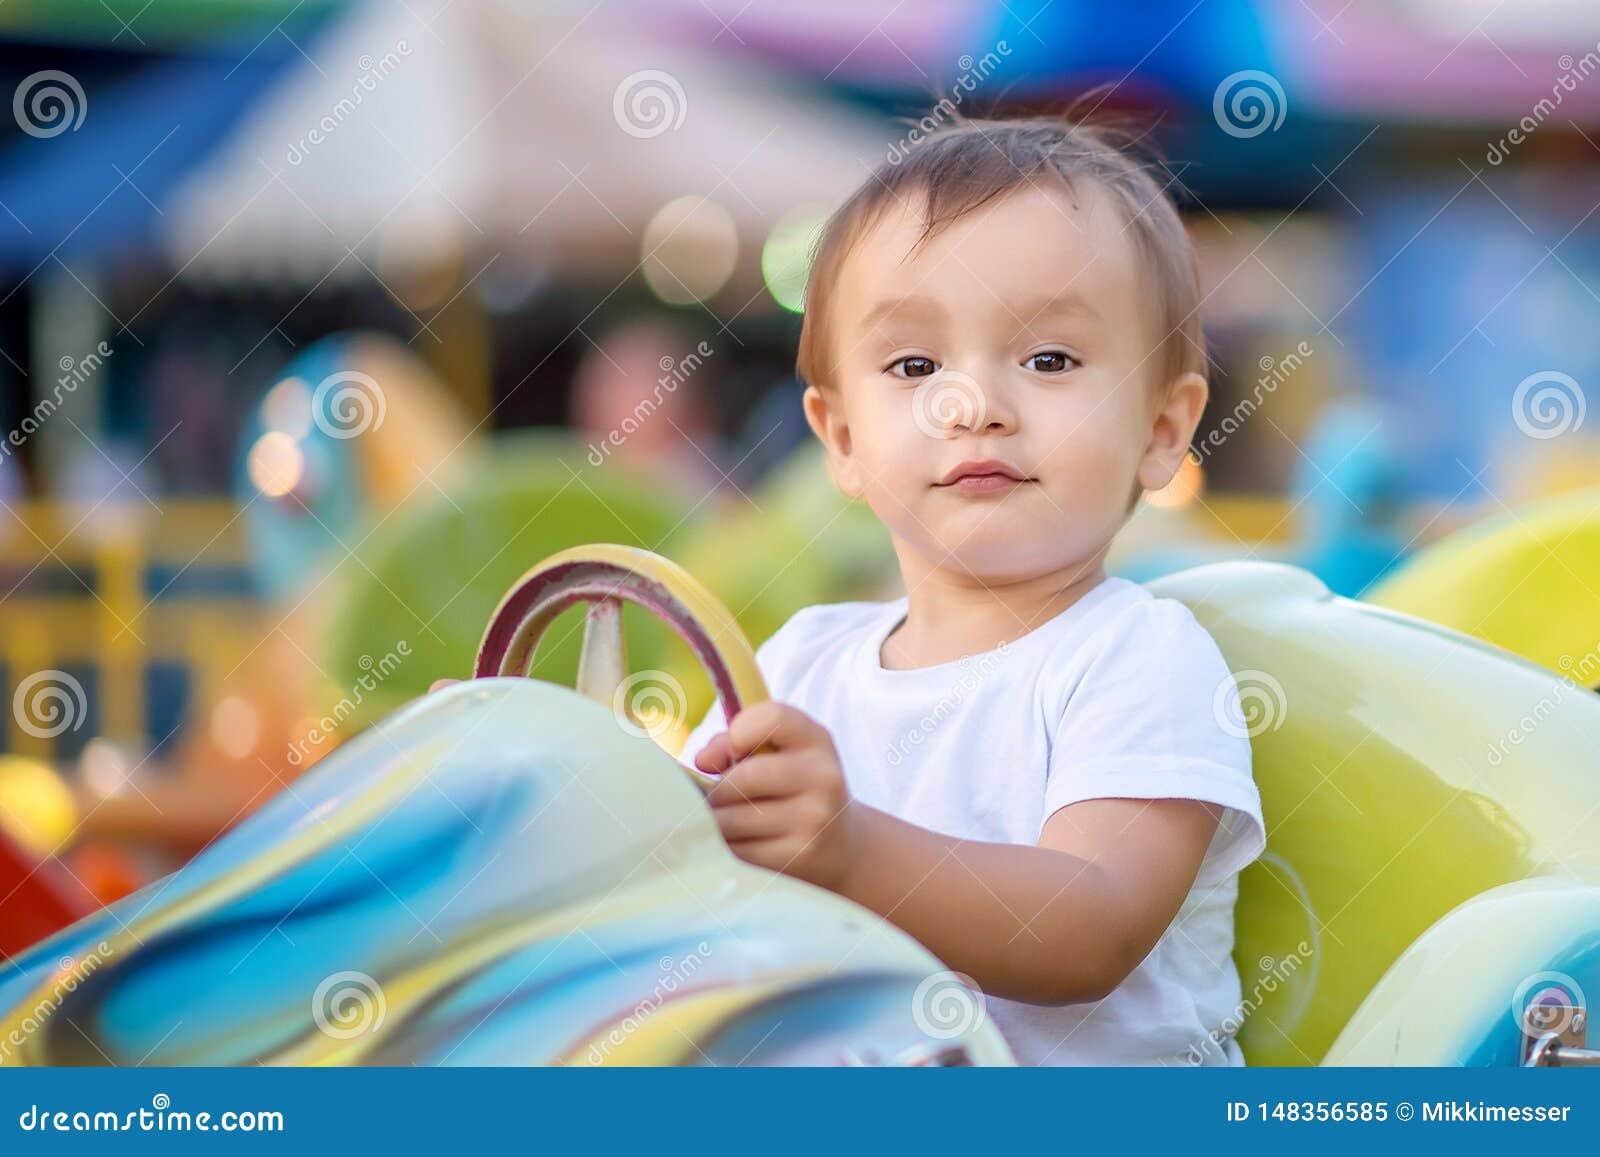 Портрет будущего участвуя в гонке чемпиона: ребенок малыша сидя на меньшем ярком автомобиле на весел-идти-круглом в тематическом